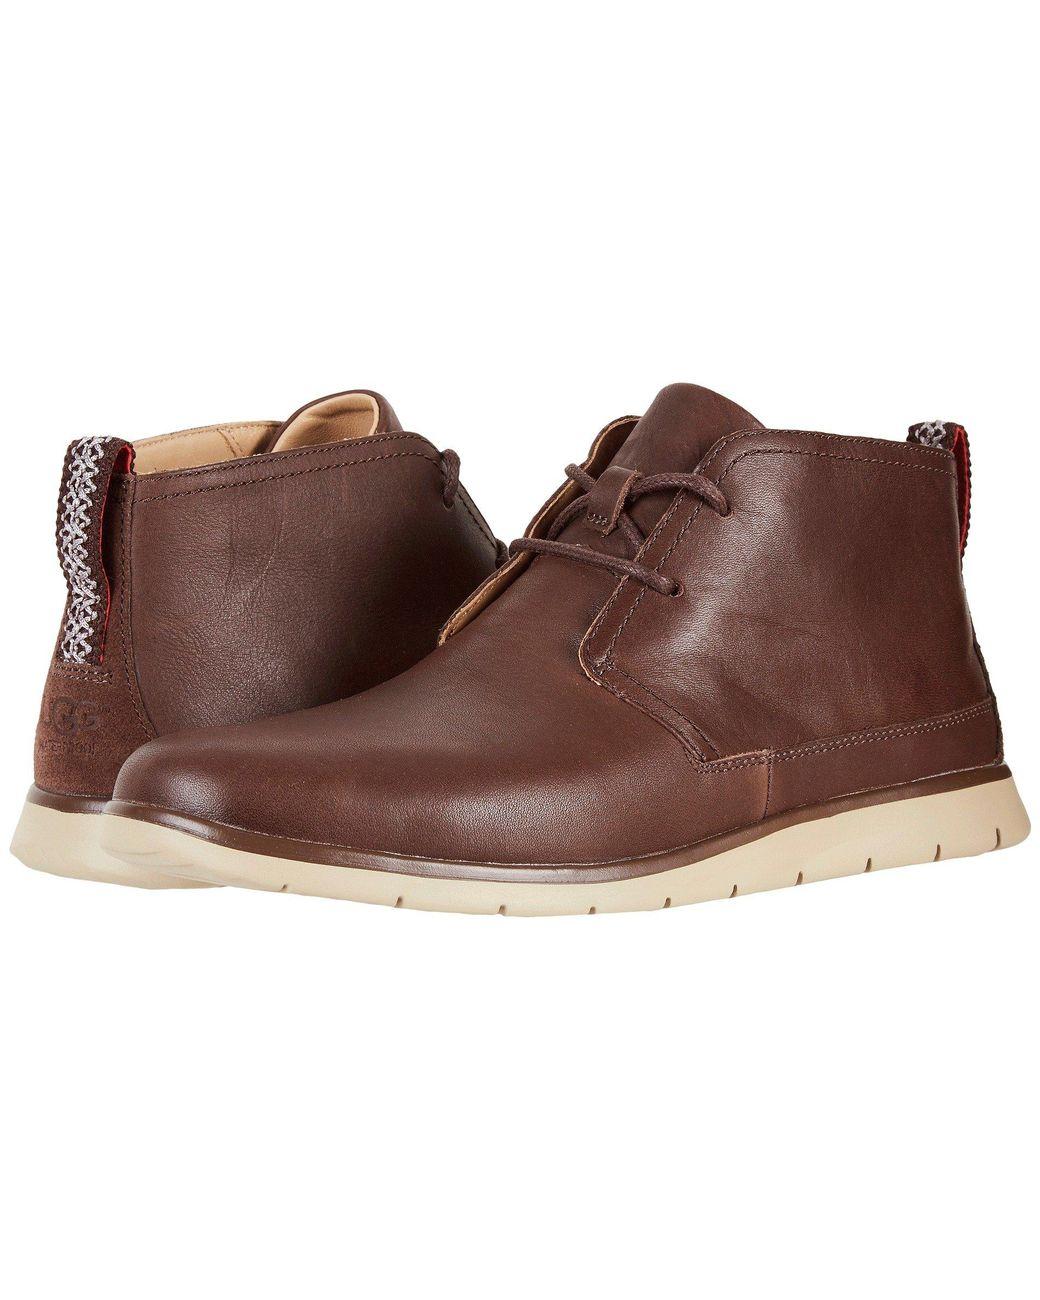 990fded88b6 Men's Brown Freamon Waterproof